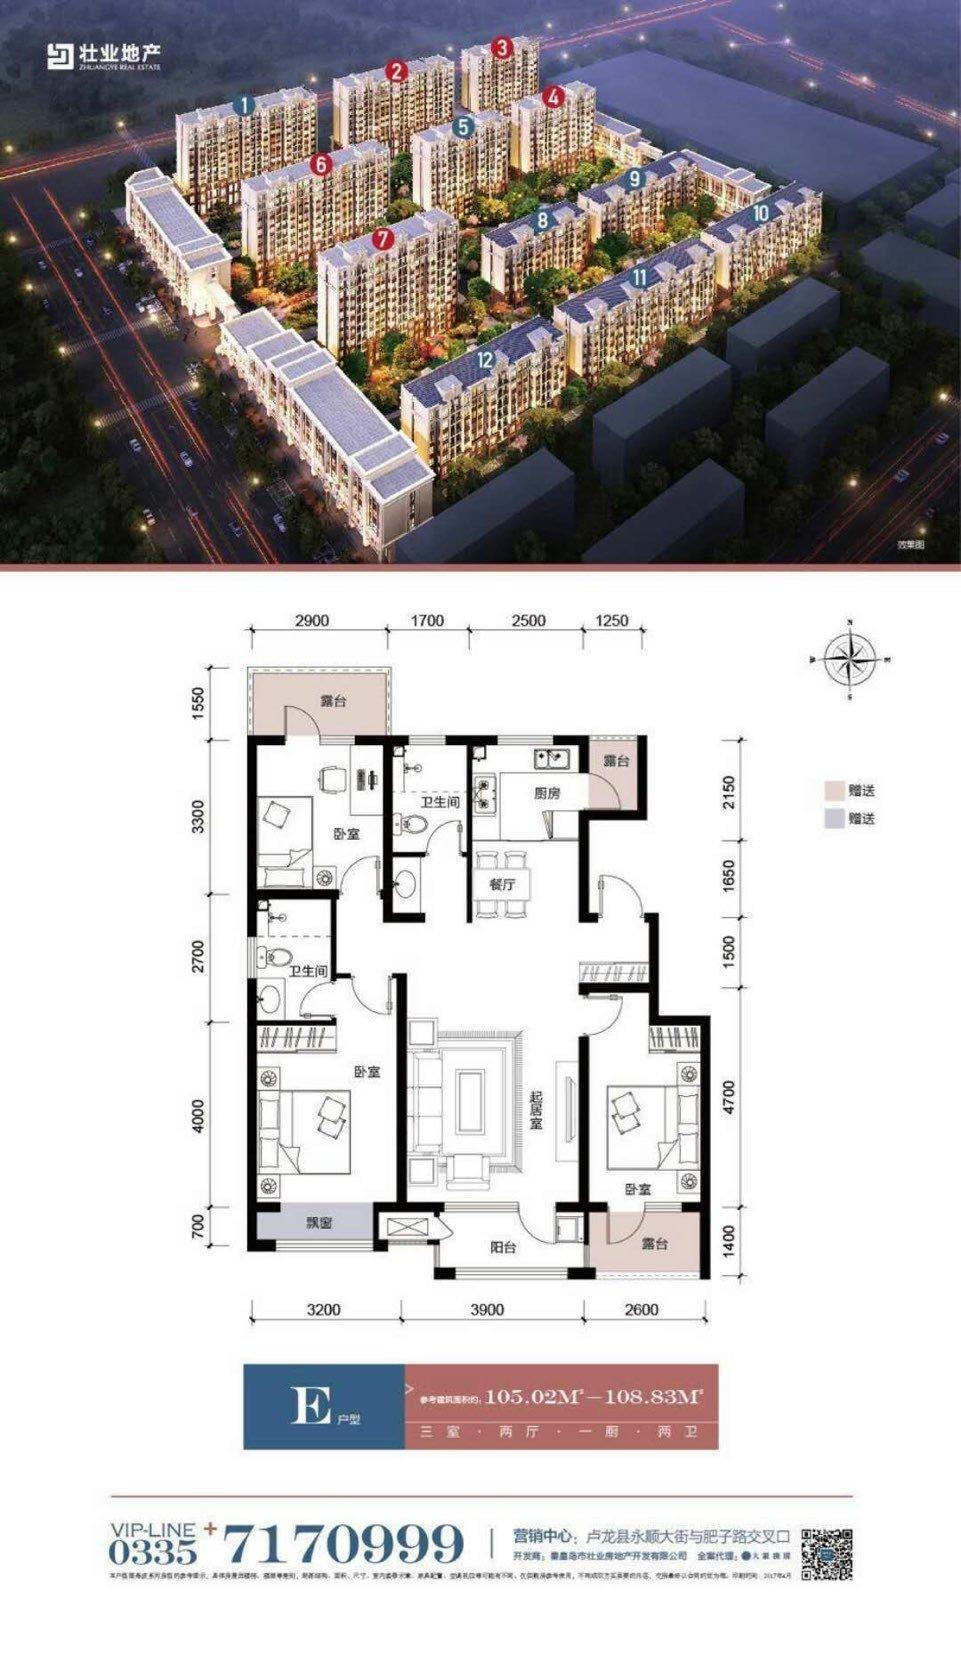 壮业未来城3室2厅2卫